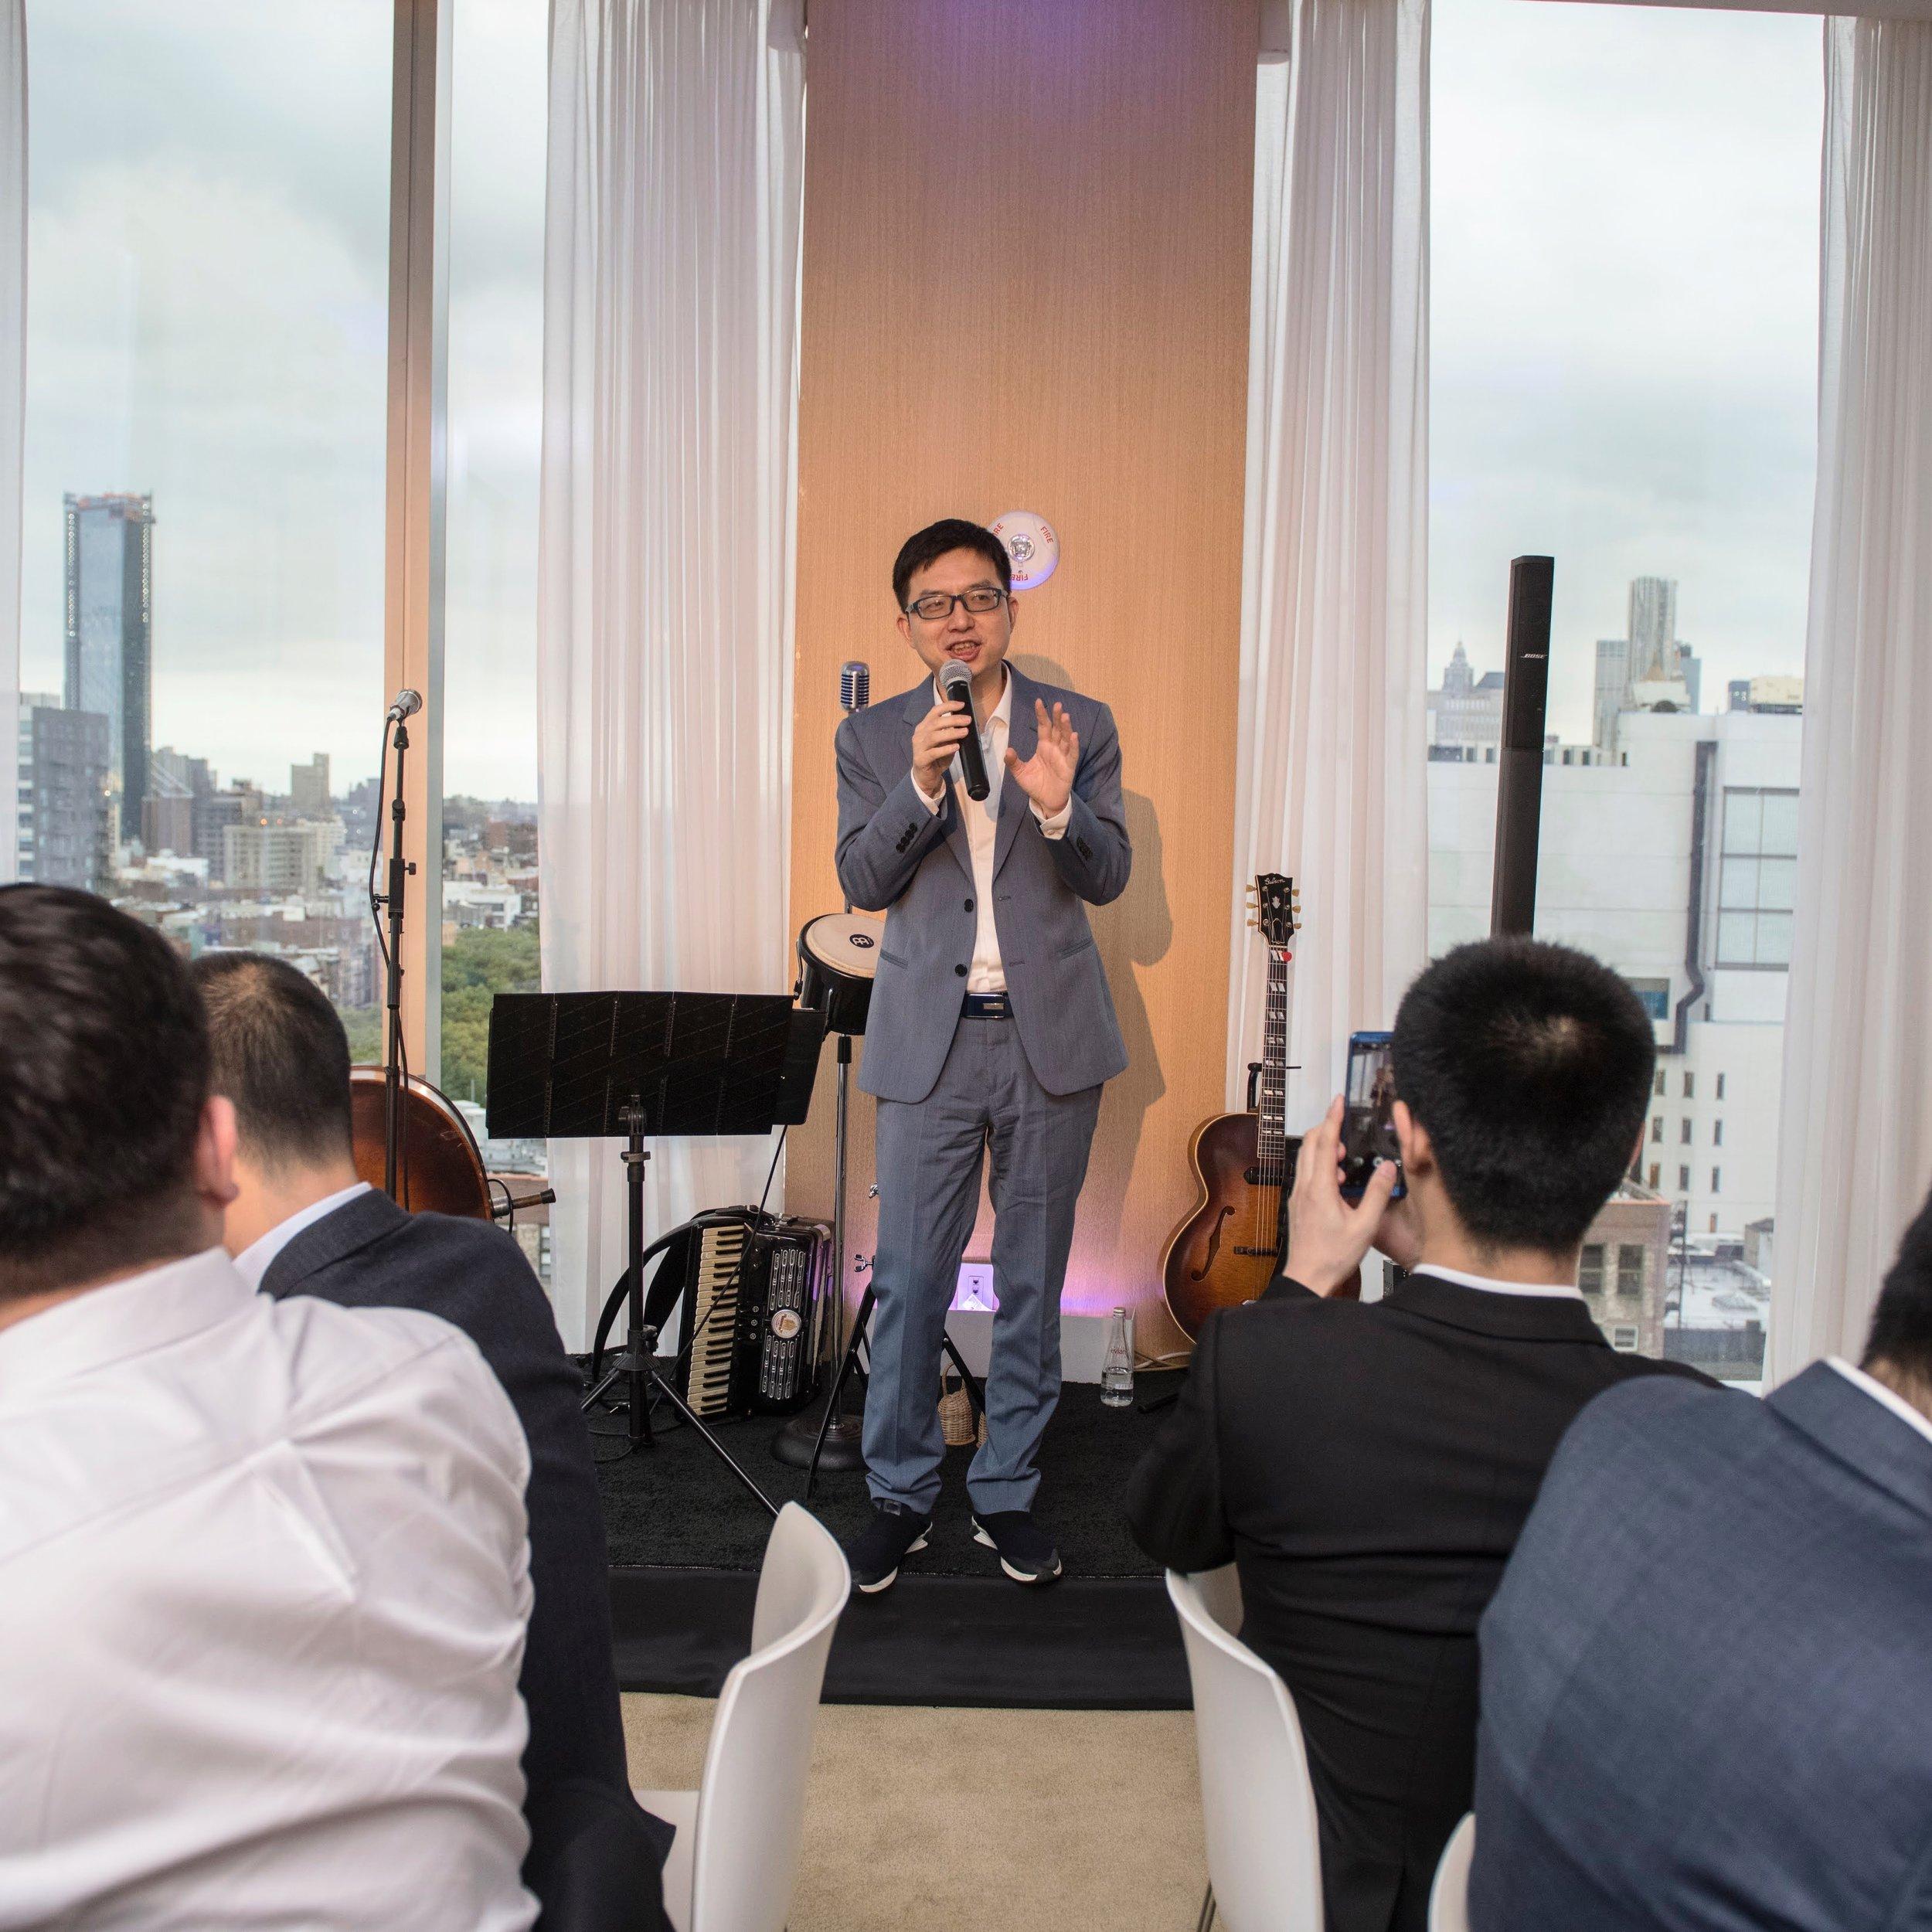 Qutoutiao CEO Speech